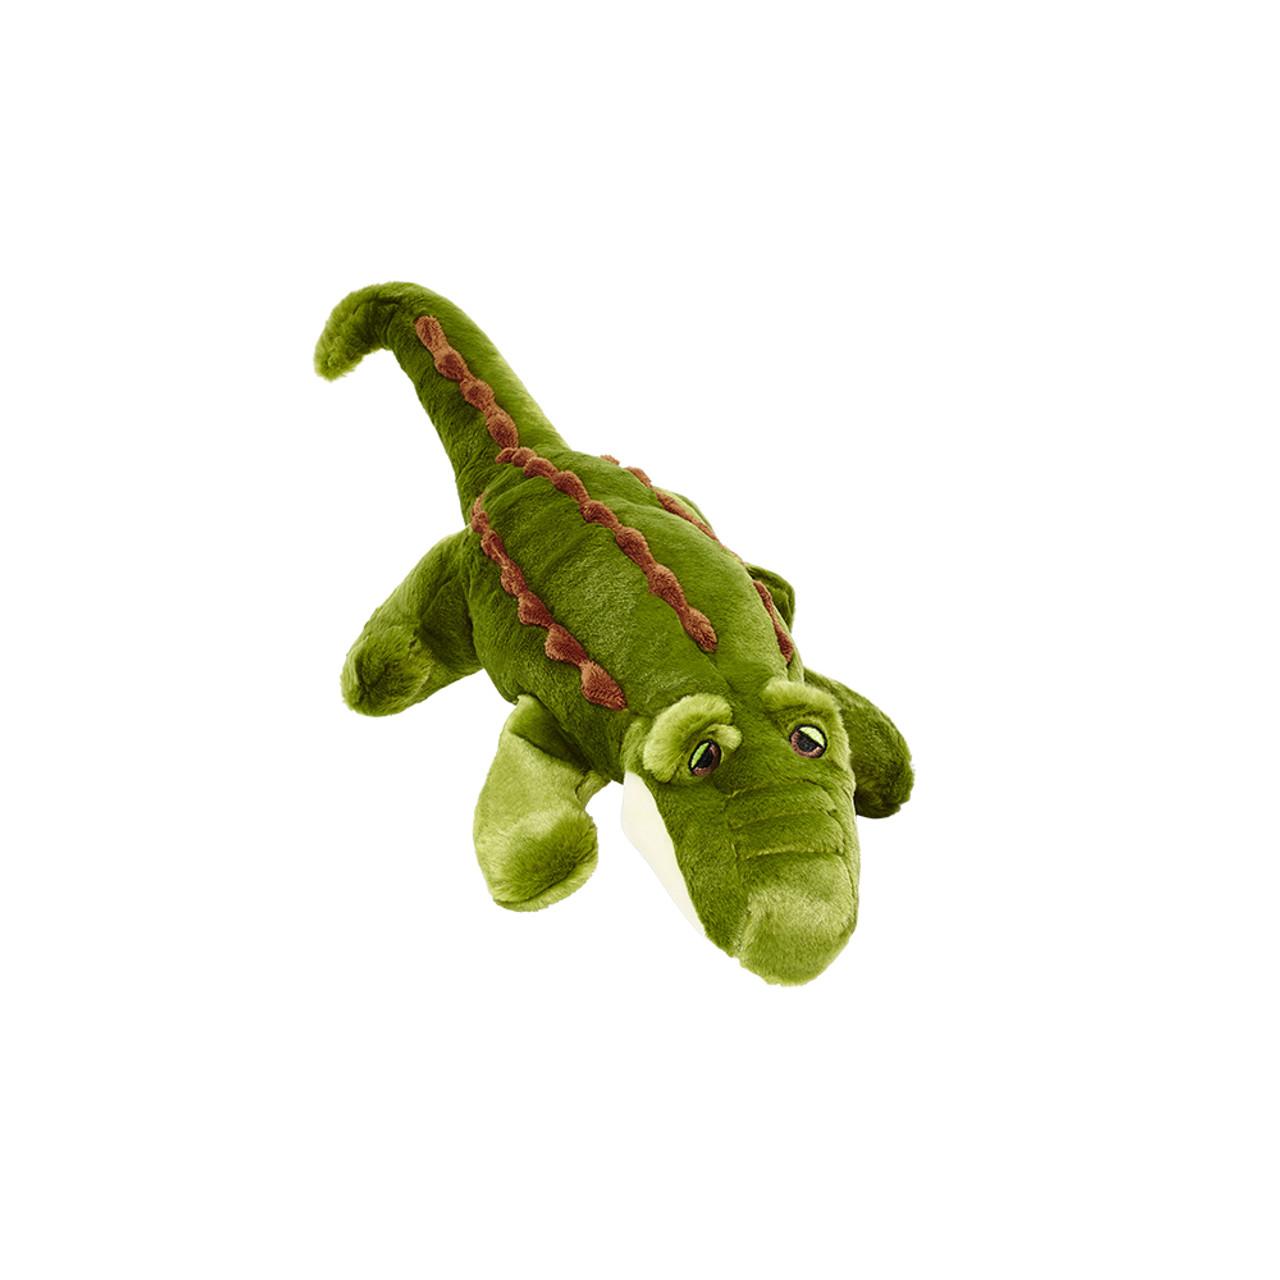 Fluff & Tuff Big Daddy Gator Plush Dog Toy